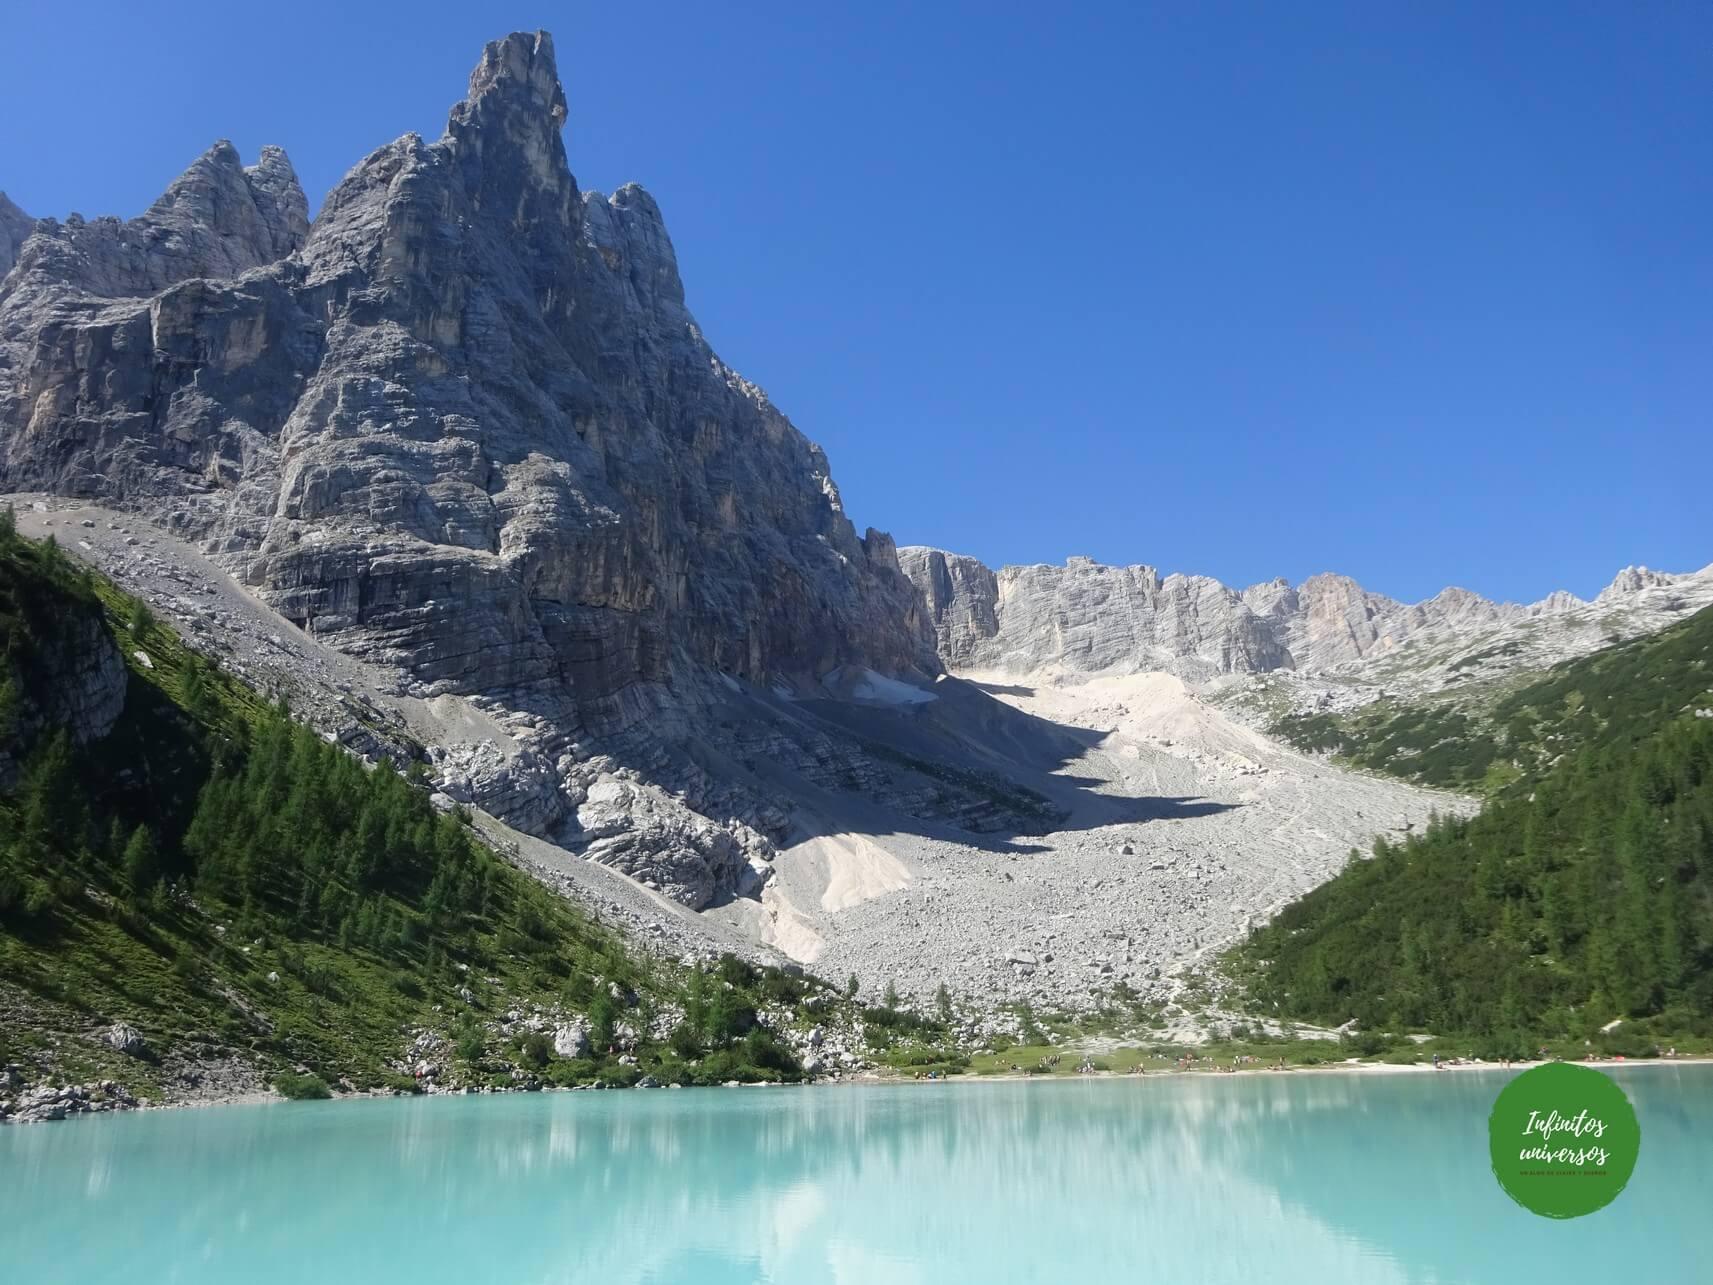 Lago di Sorapis lago sorapis lago de sorapis dolomitas italia